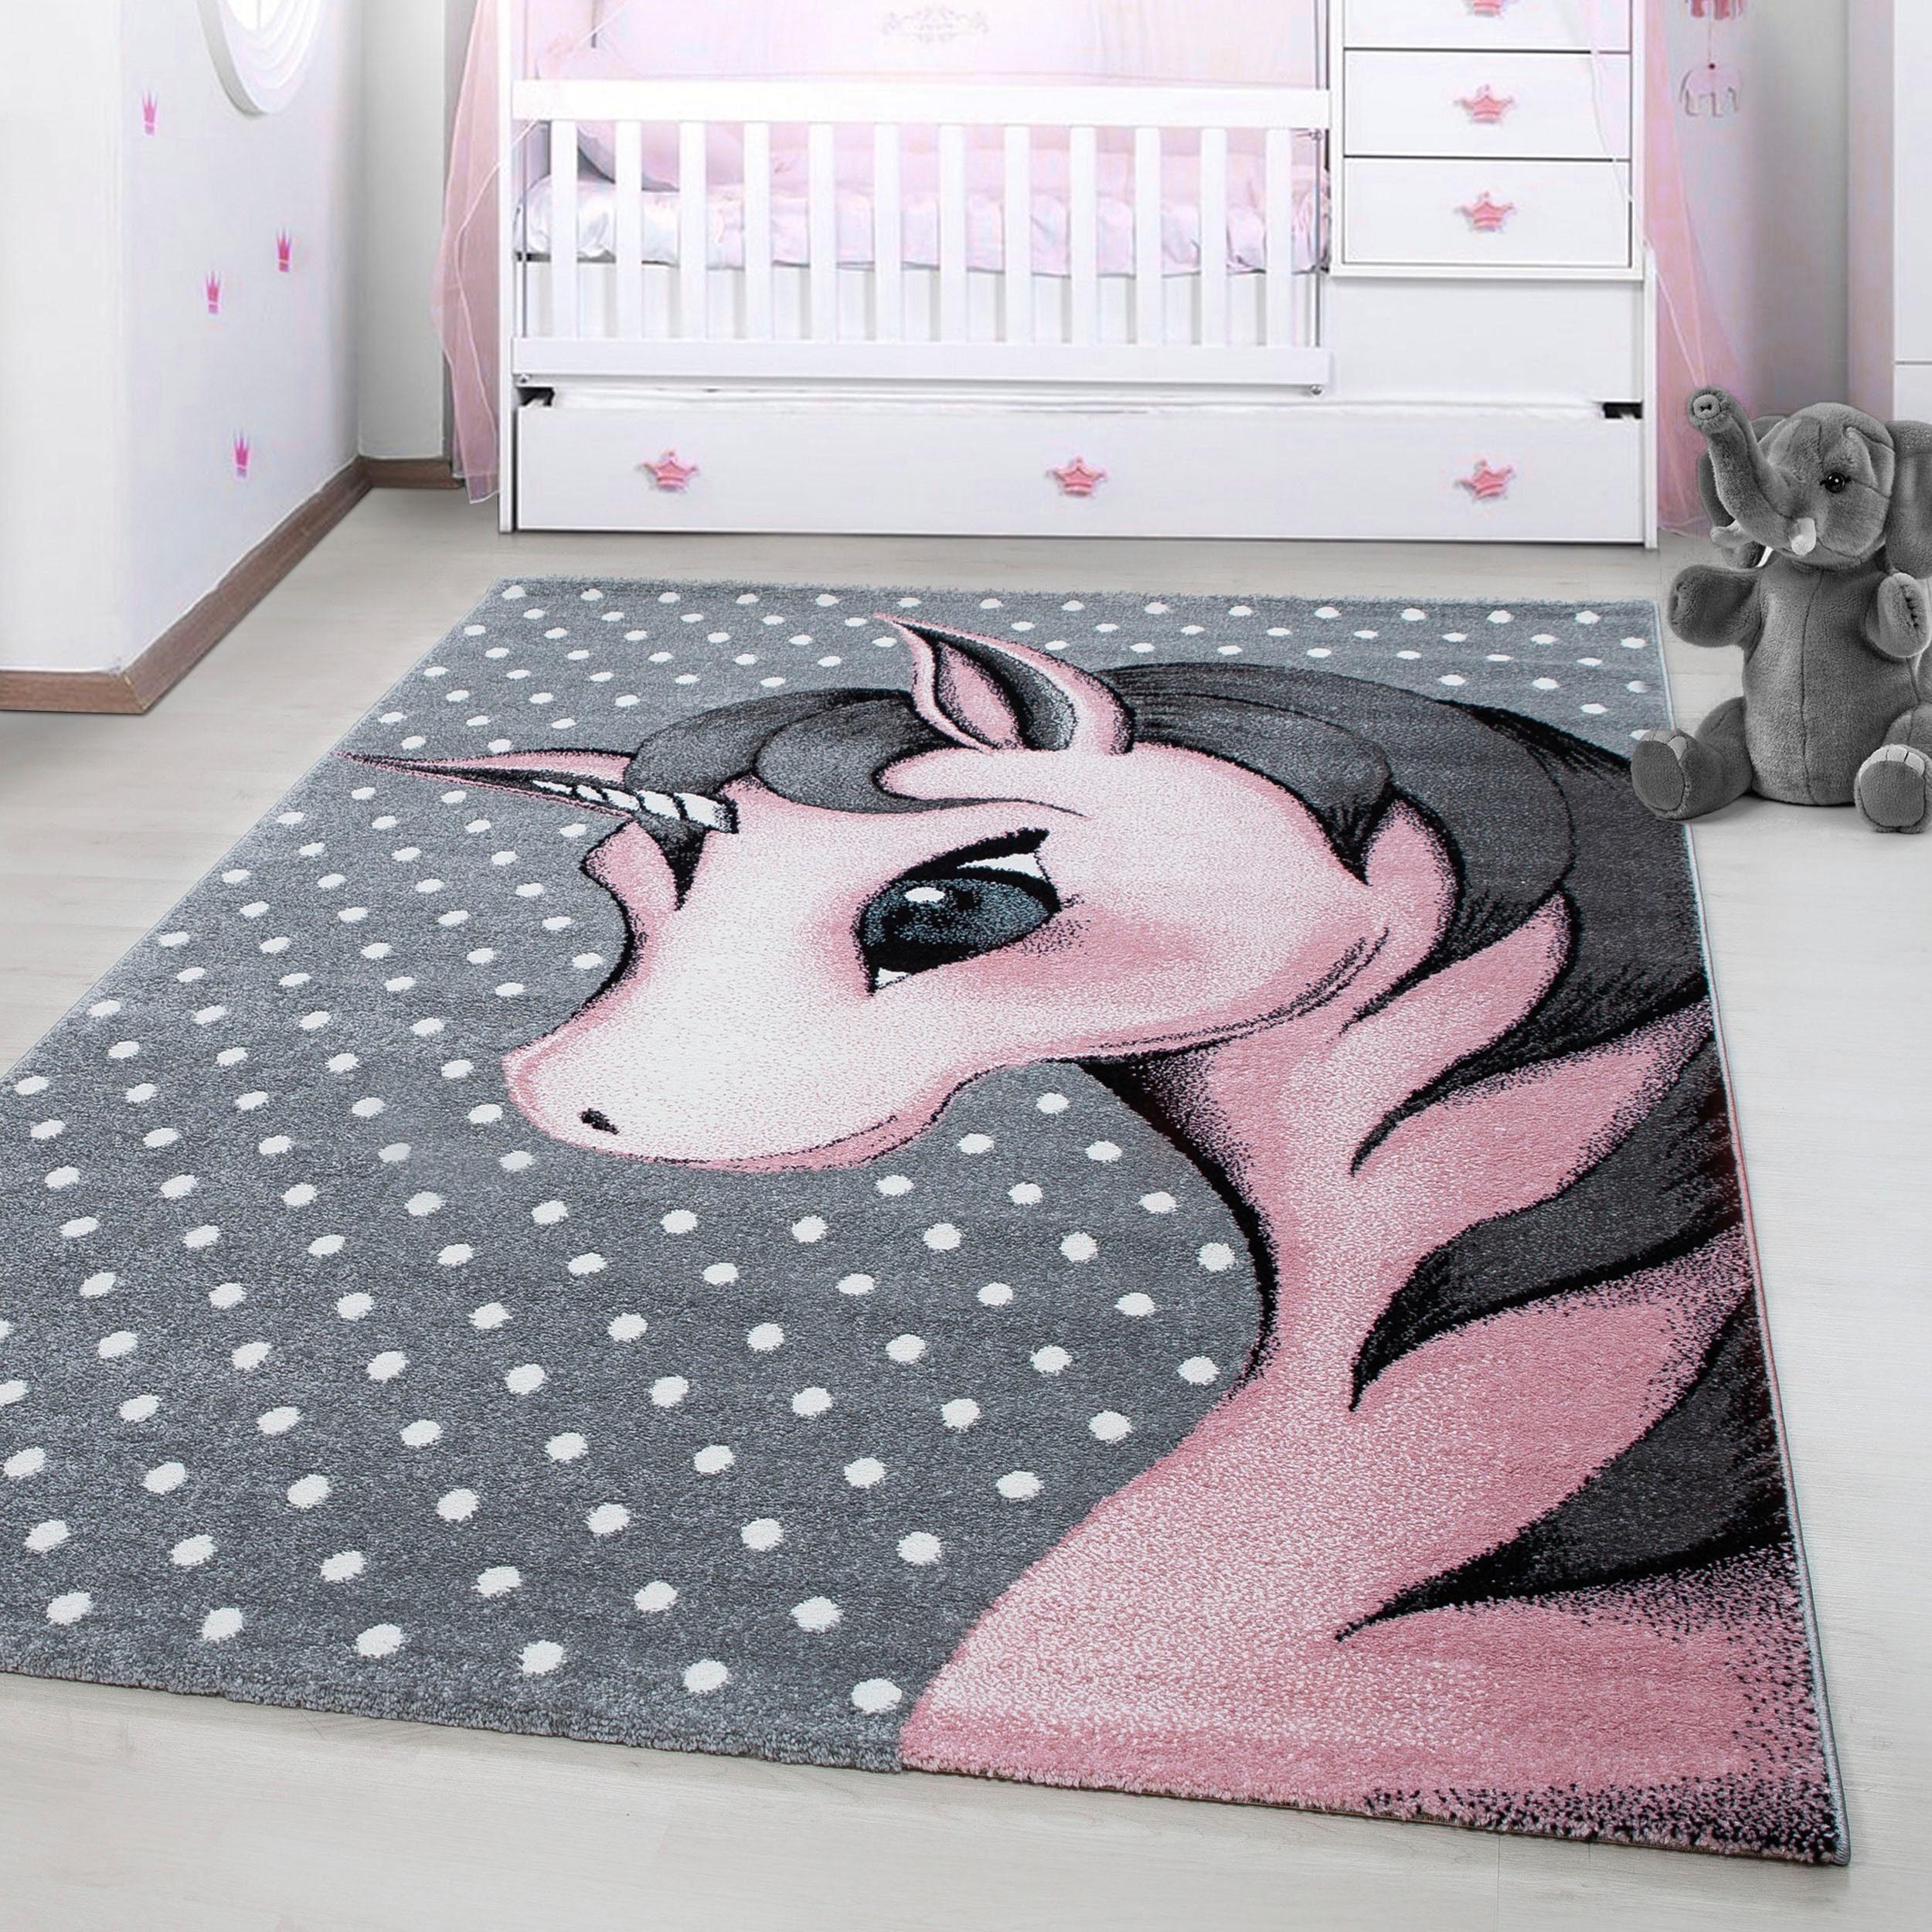 Kinderteppich Kids 590, Ayyildiz, rechteckig, Höhe 12 mm, Einhorn Motiv, Kurzflor online kaufen